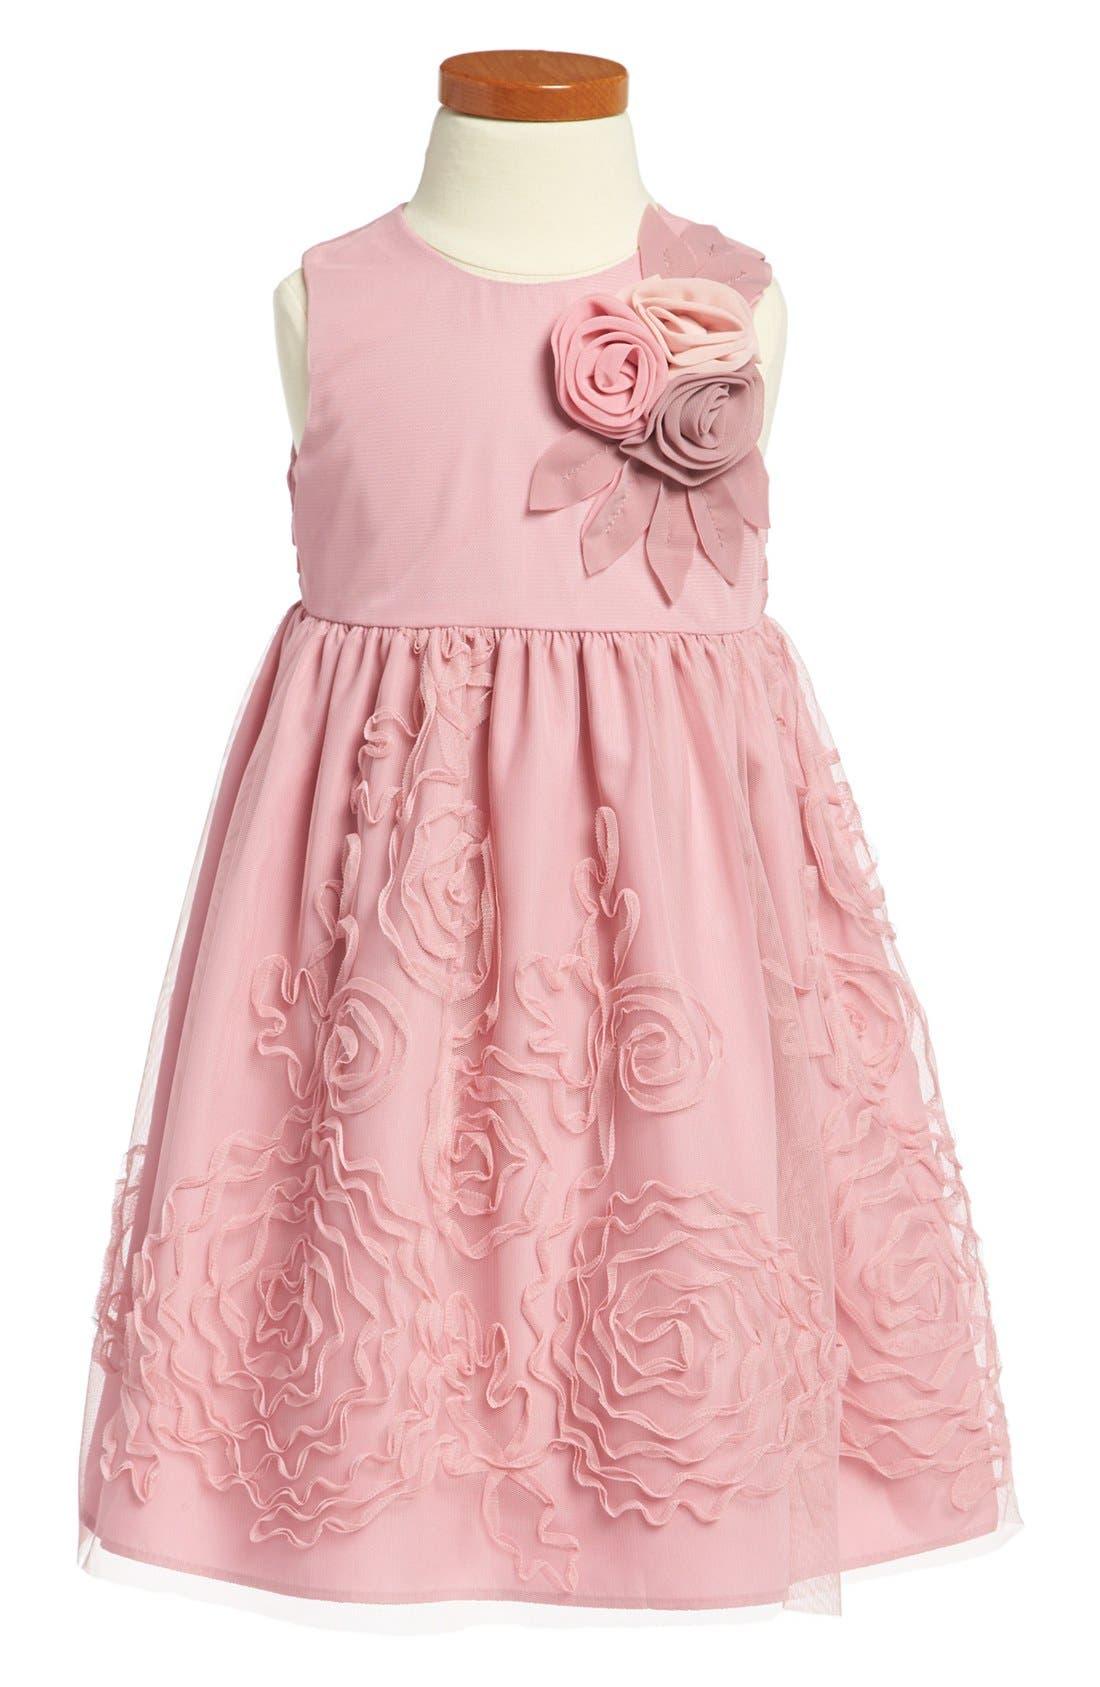 Main Image - Pippa & Julie Sleeveless Dress (Toddler Girls)